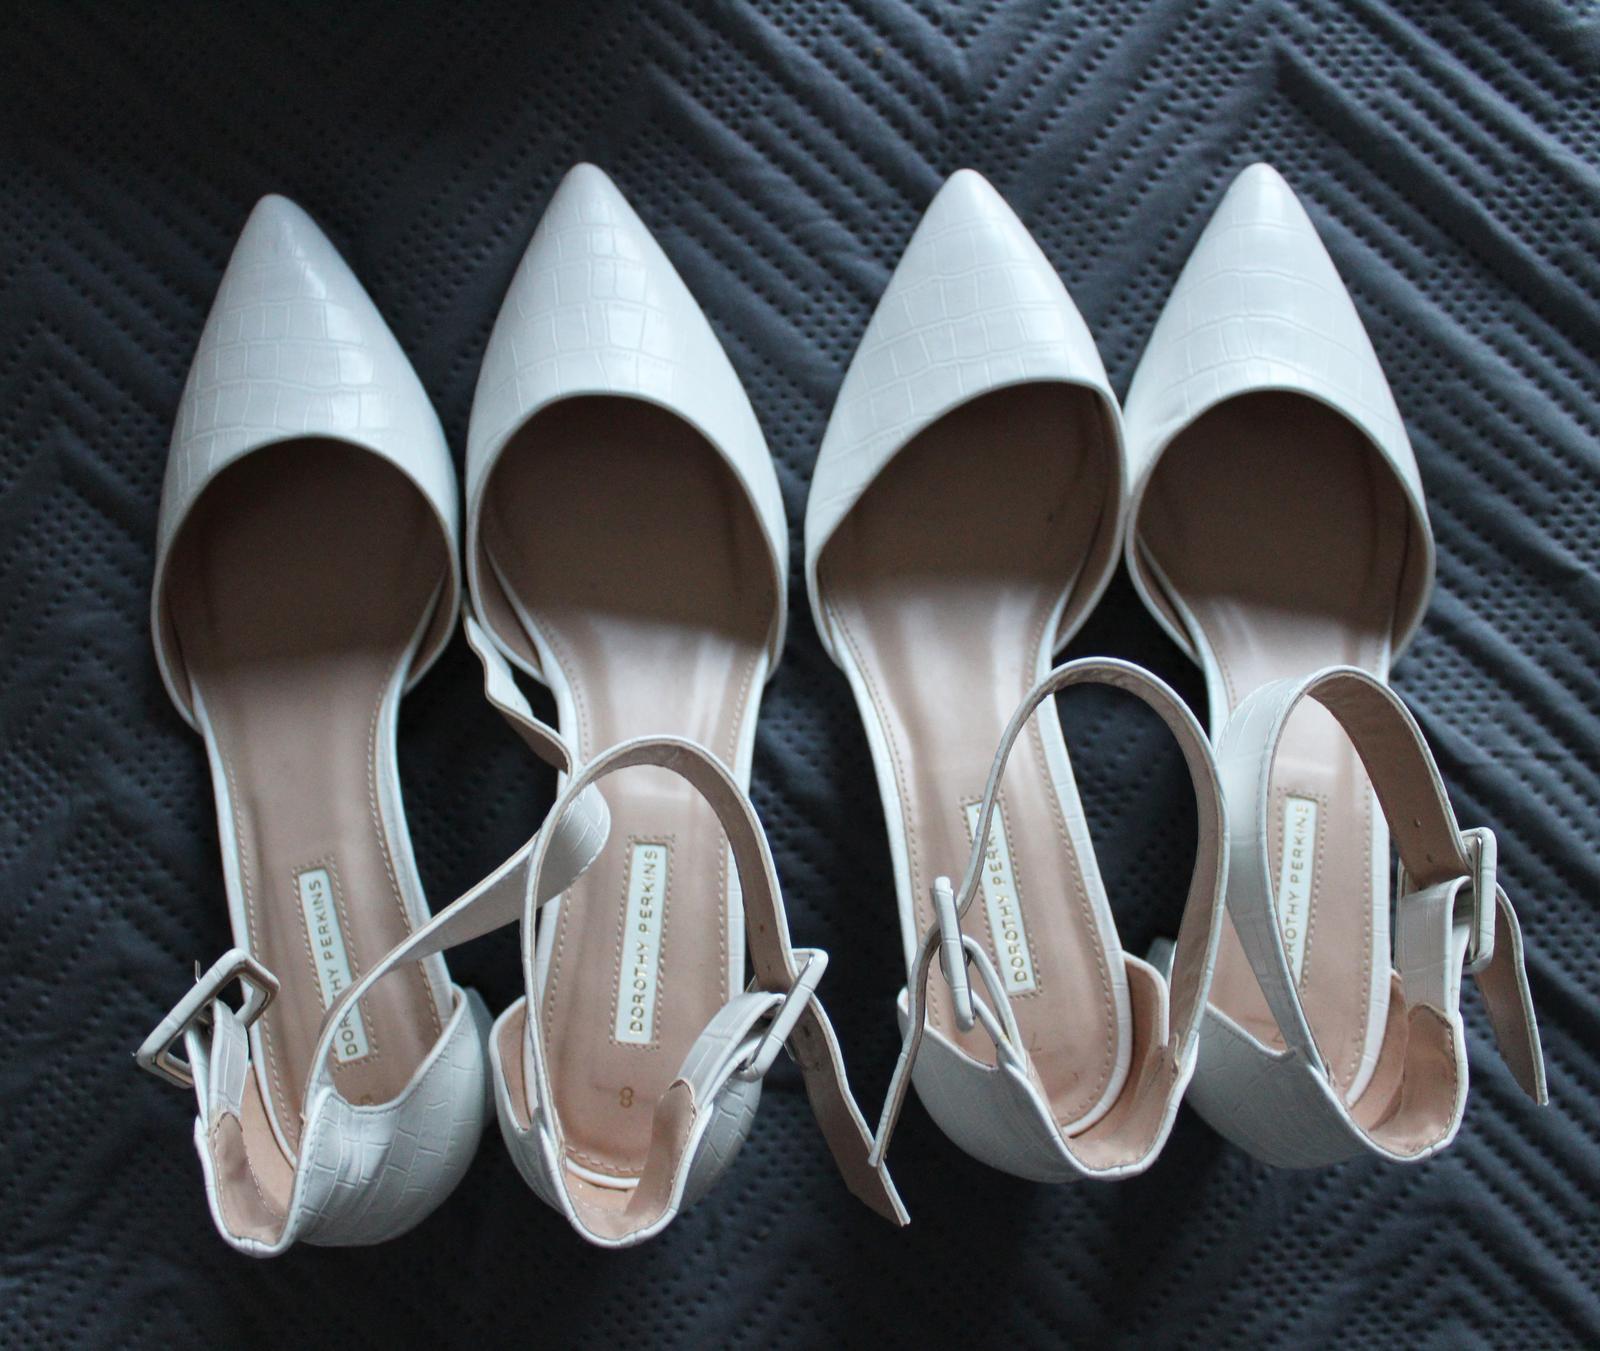 Svadobné topánky Dorothy Perkins veľkosť 40 a 41 - Obrázok č. 1